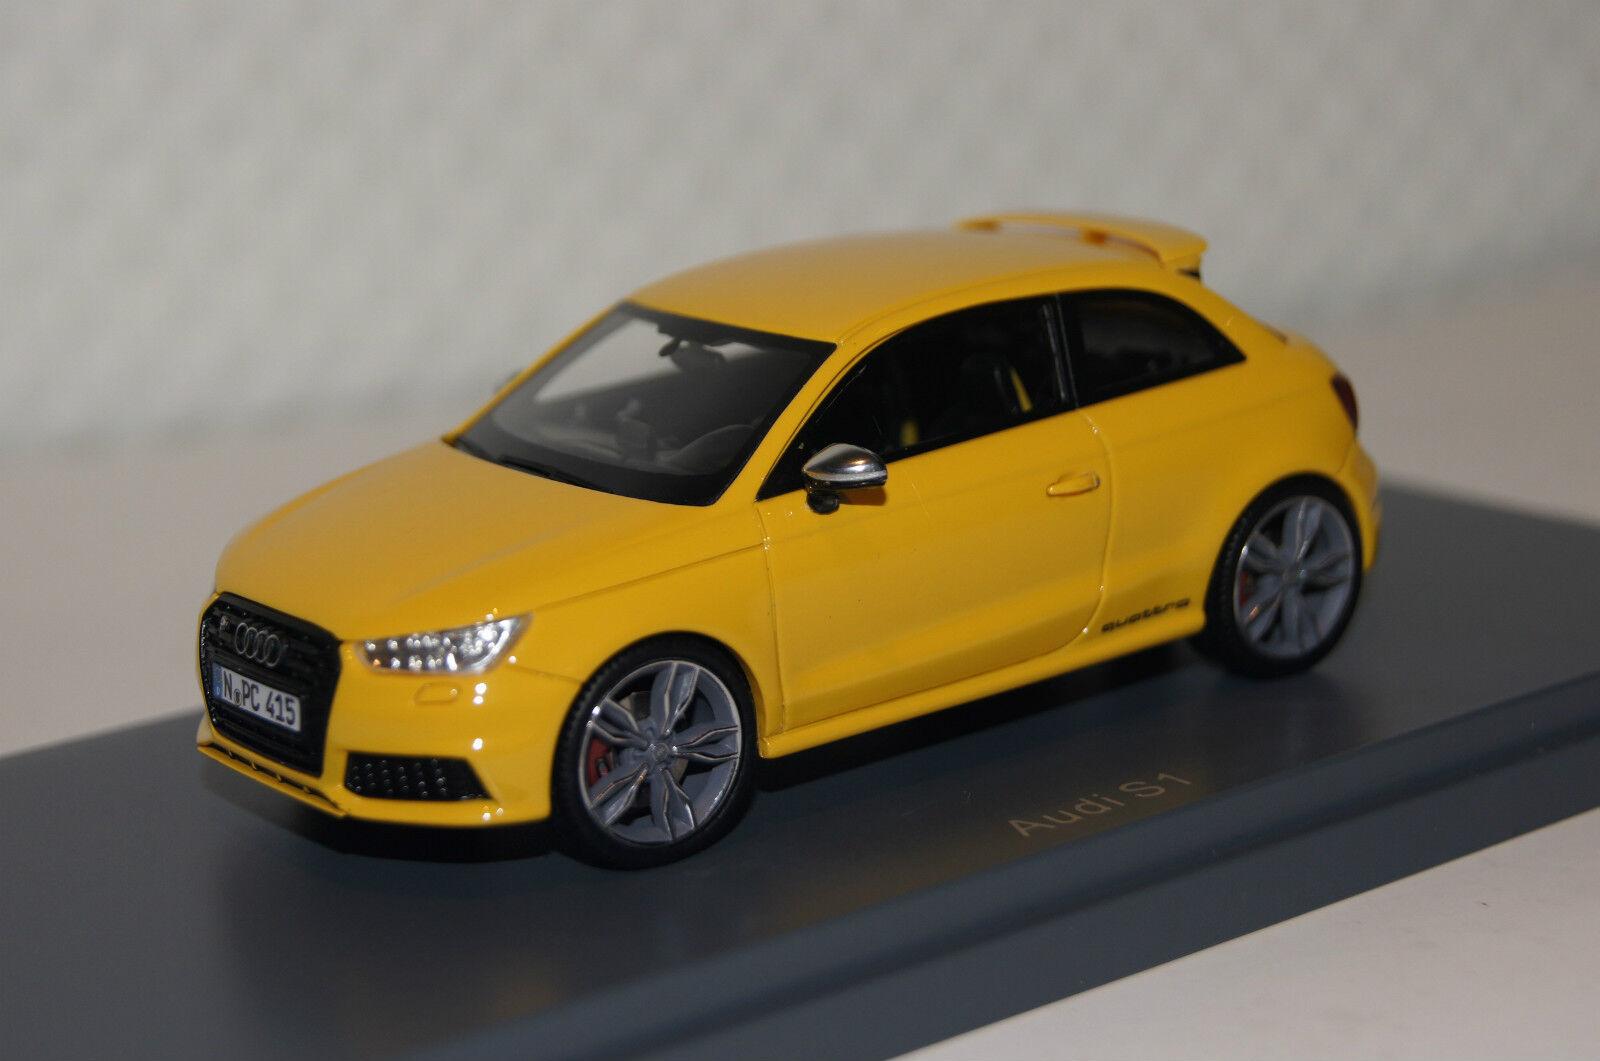 Audi S1 gelb gelb gelb 1 43 Neo neu & OVP 46415    Neuheit Spielzeug  b7e2f6